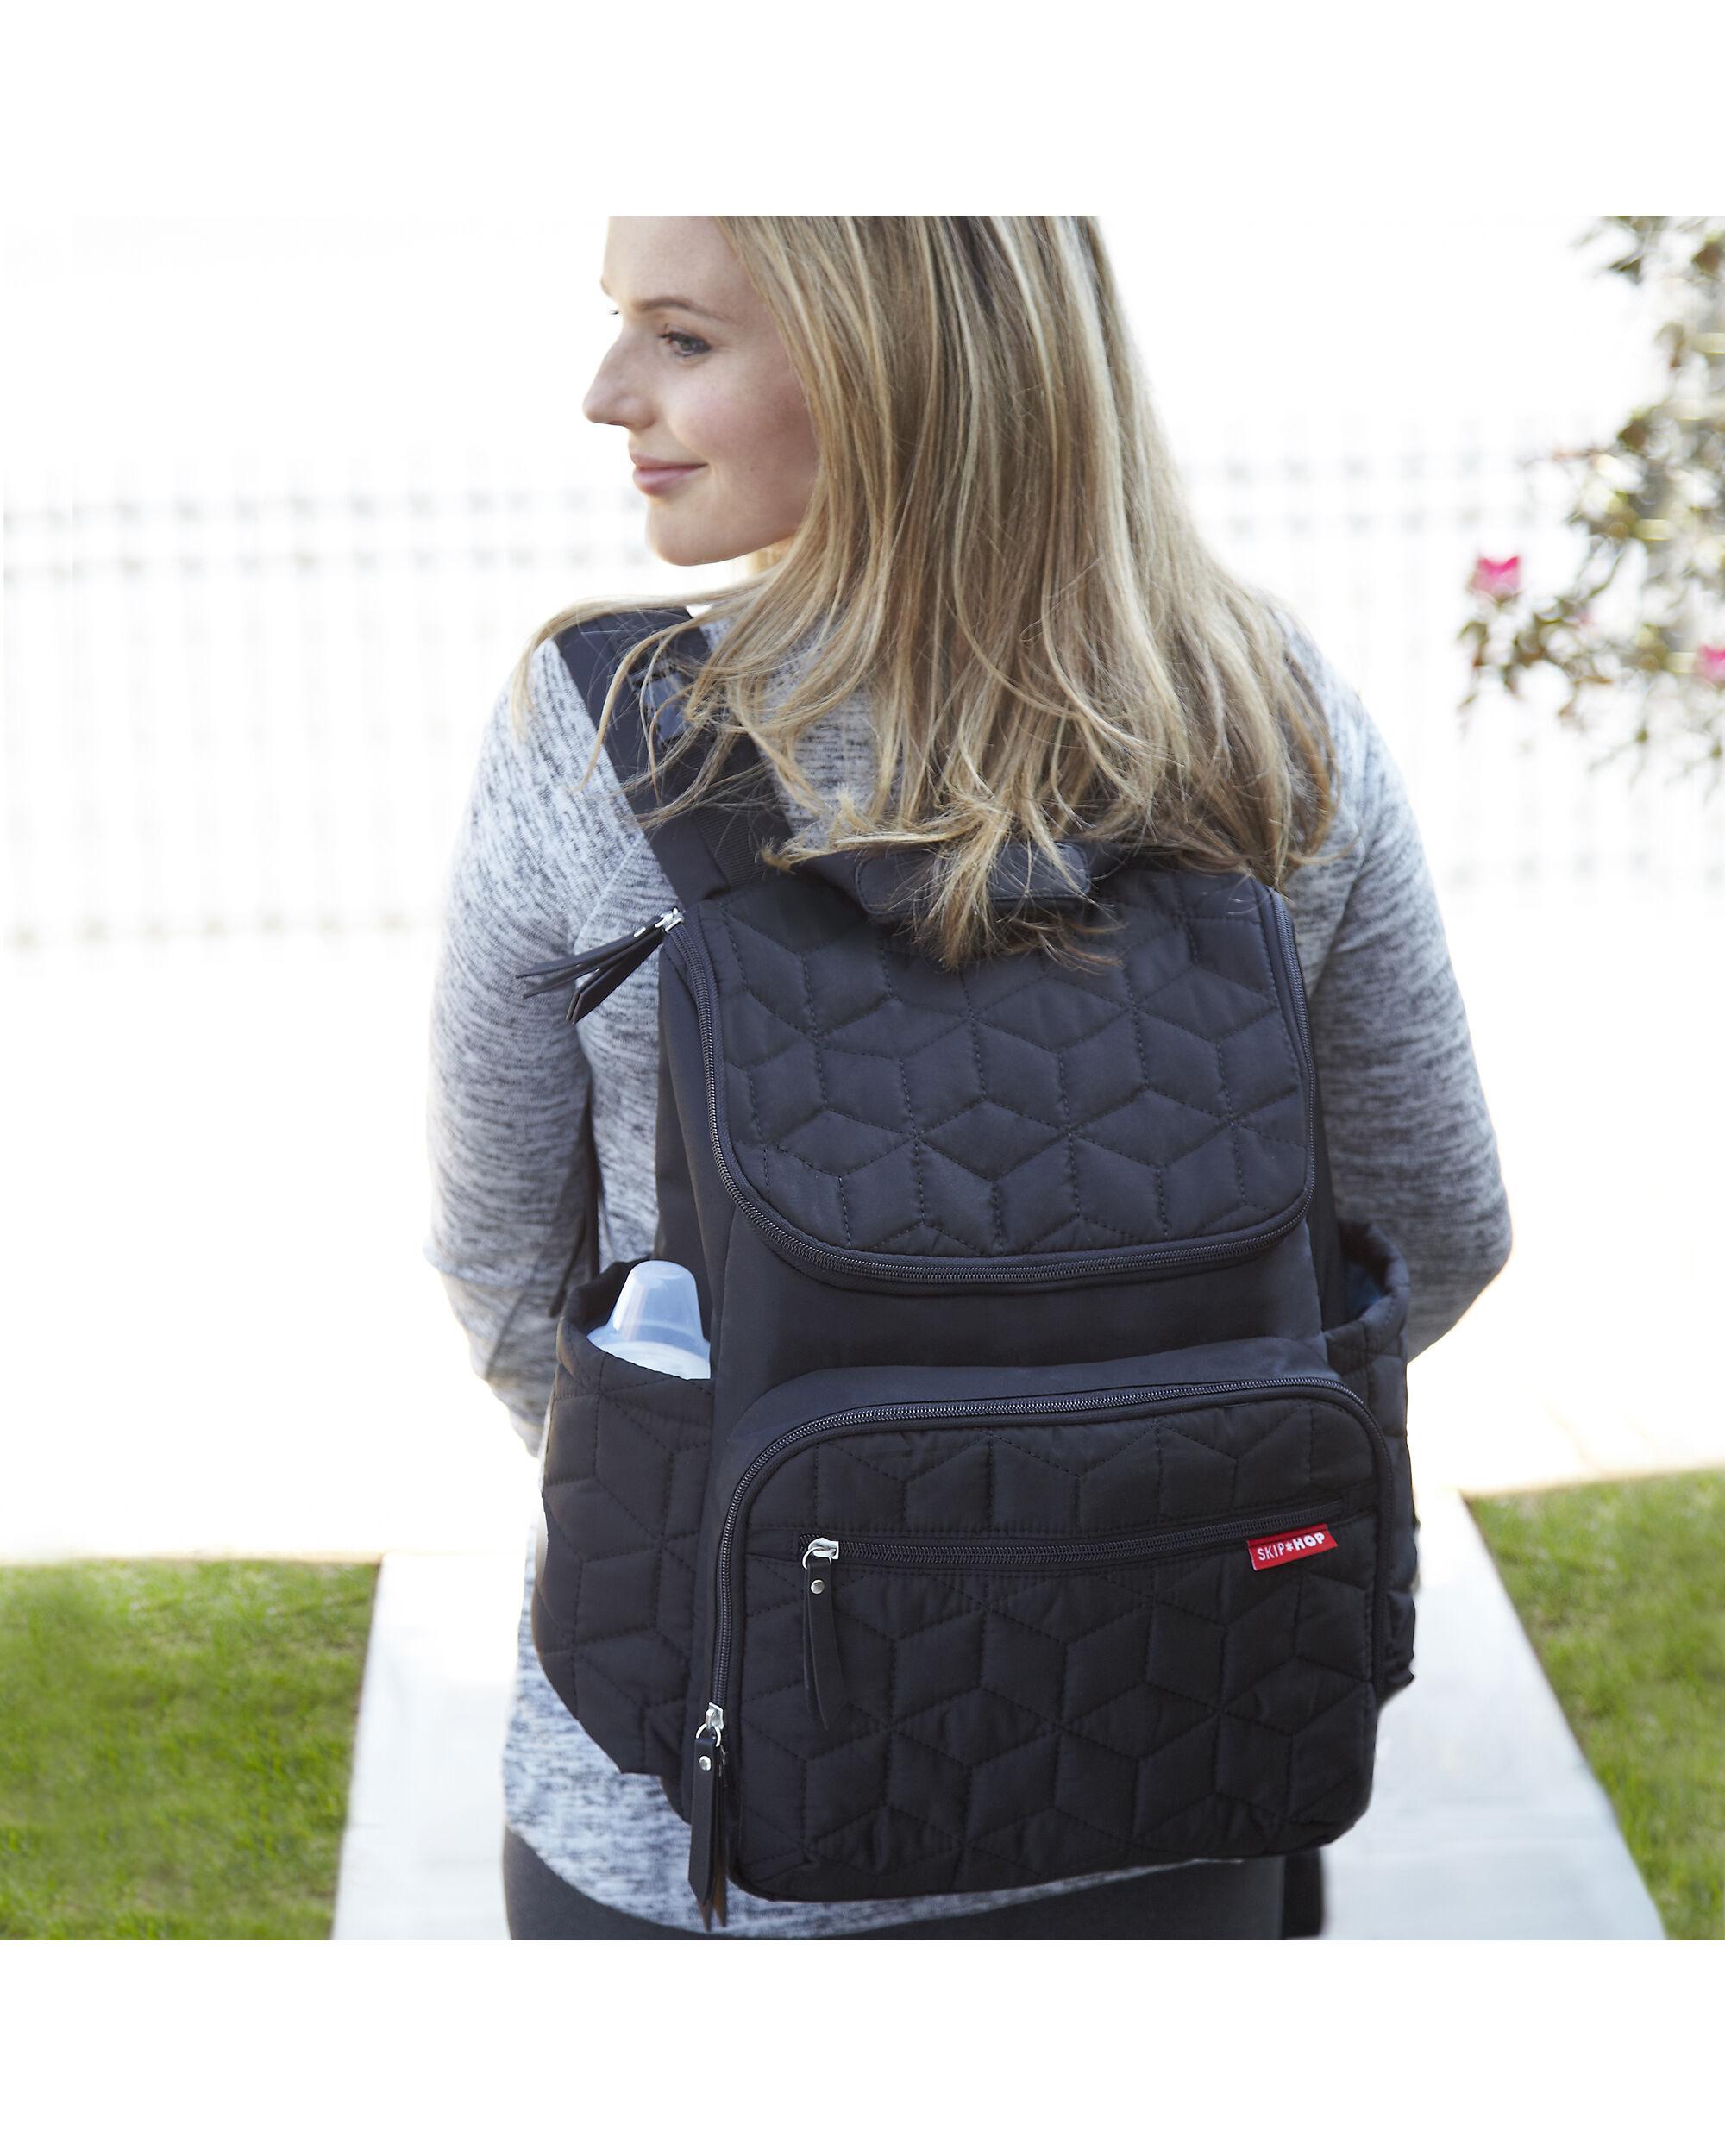 forma backpack diaper bag. Black Bedroom Furniture Sets. Home Design Ideas